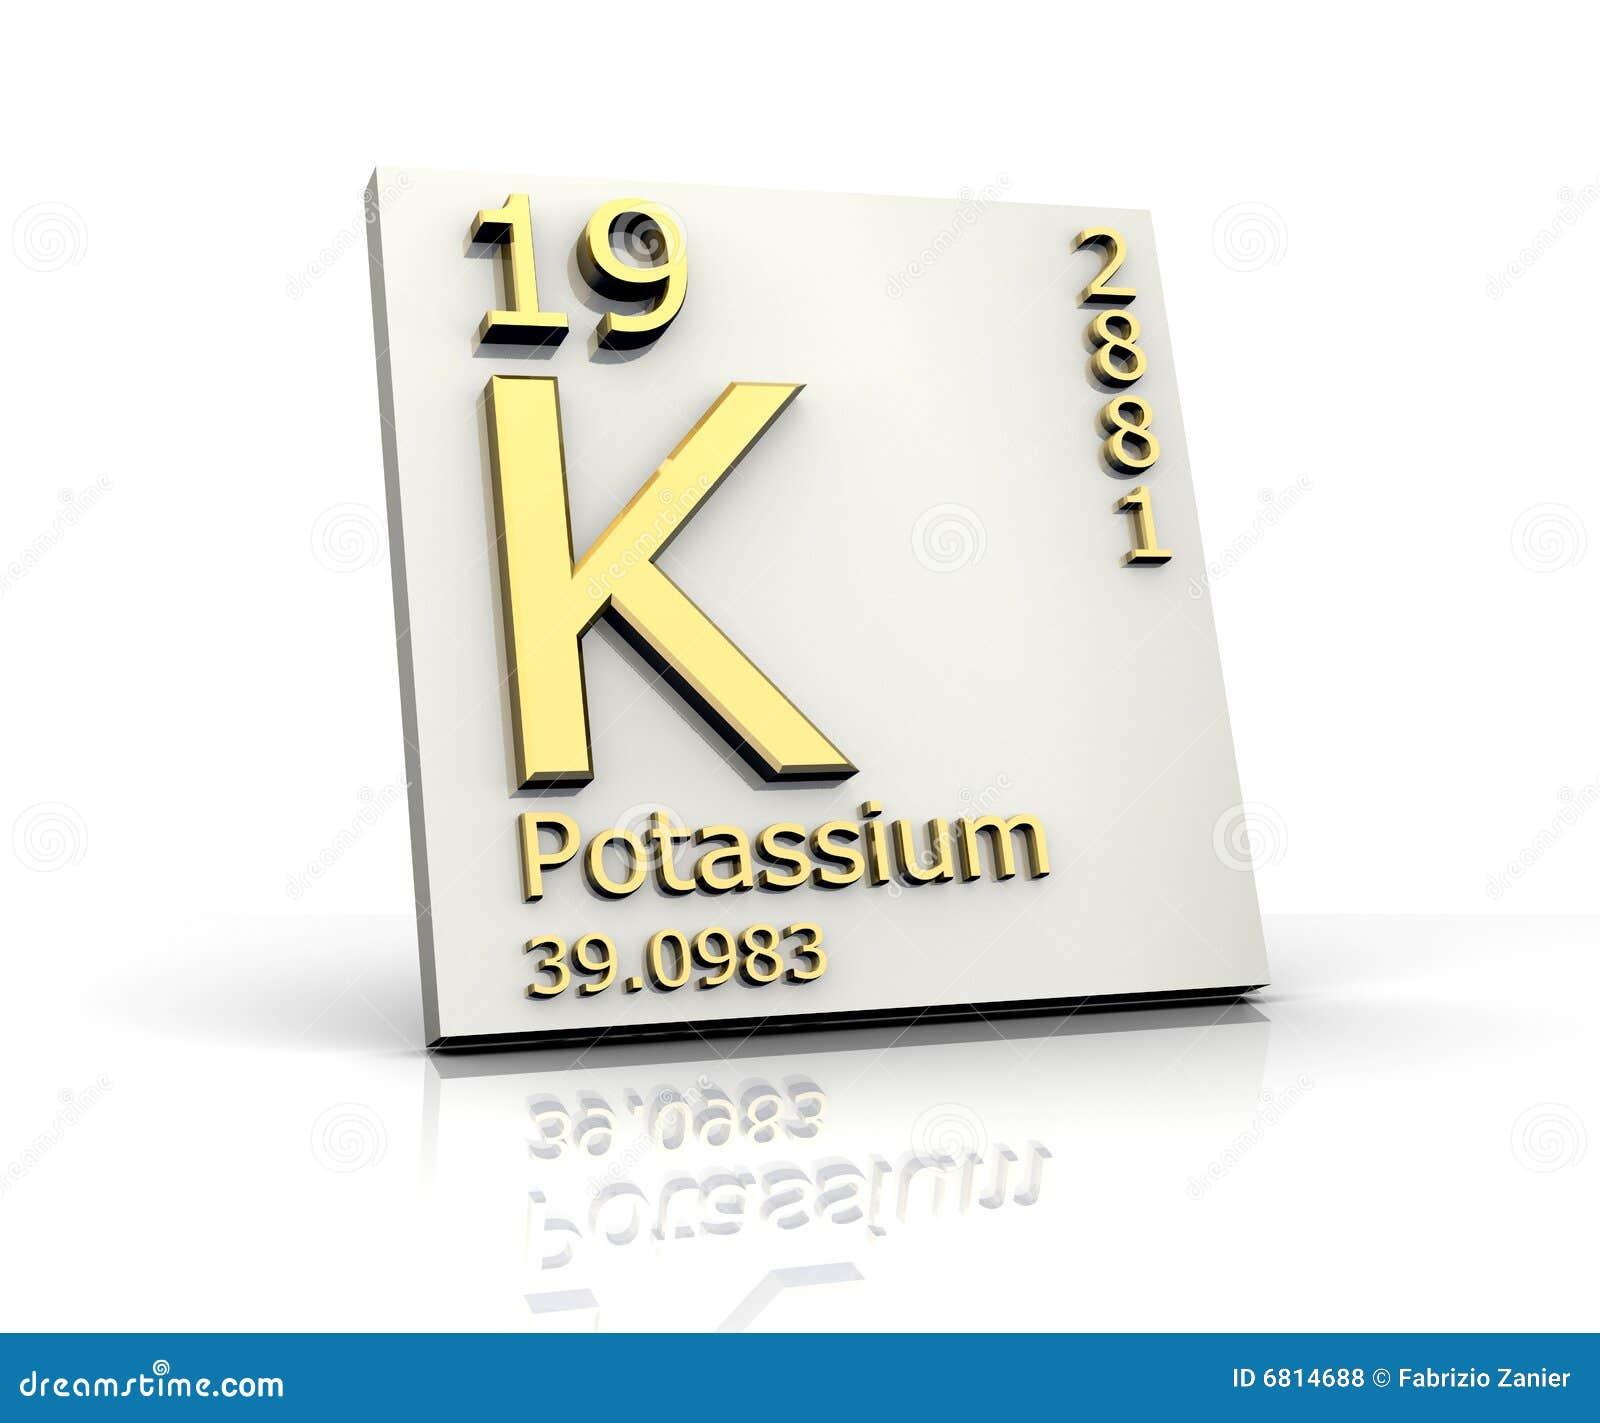 Potassium form periodic table of elements stock illustration potassium form periodic table of elements urtaz Images